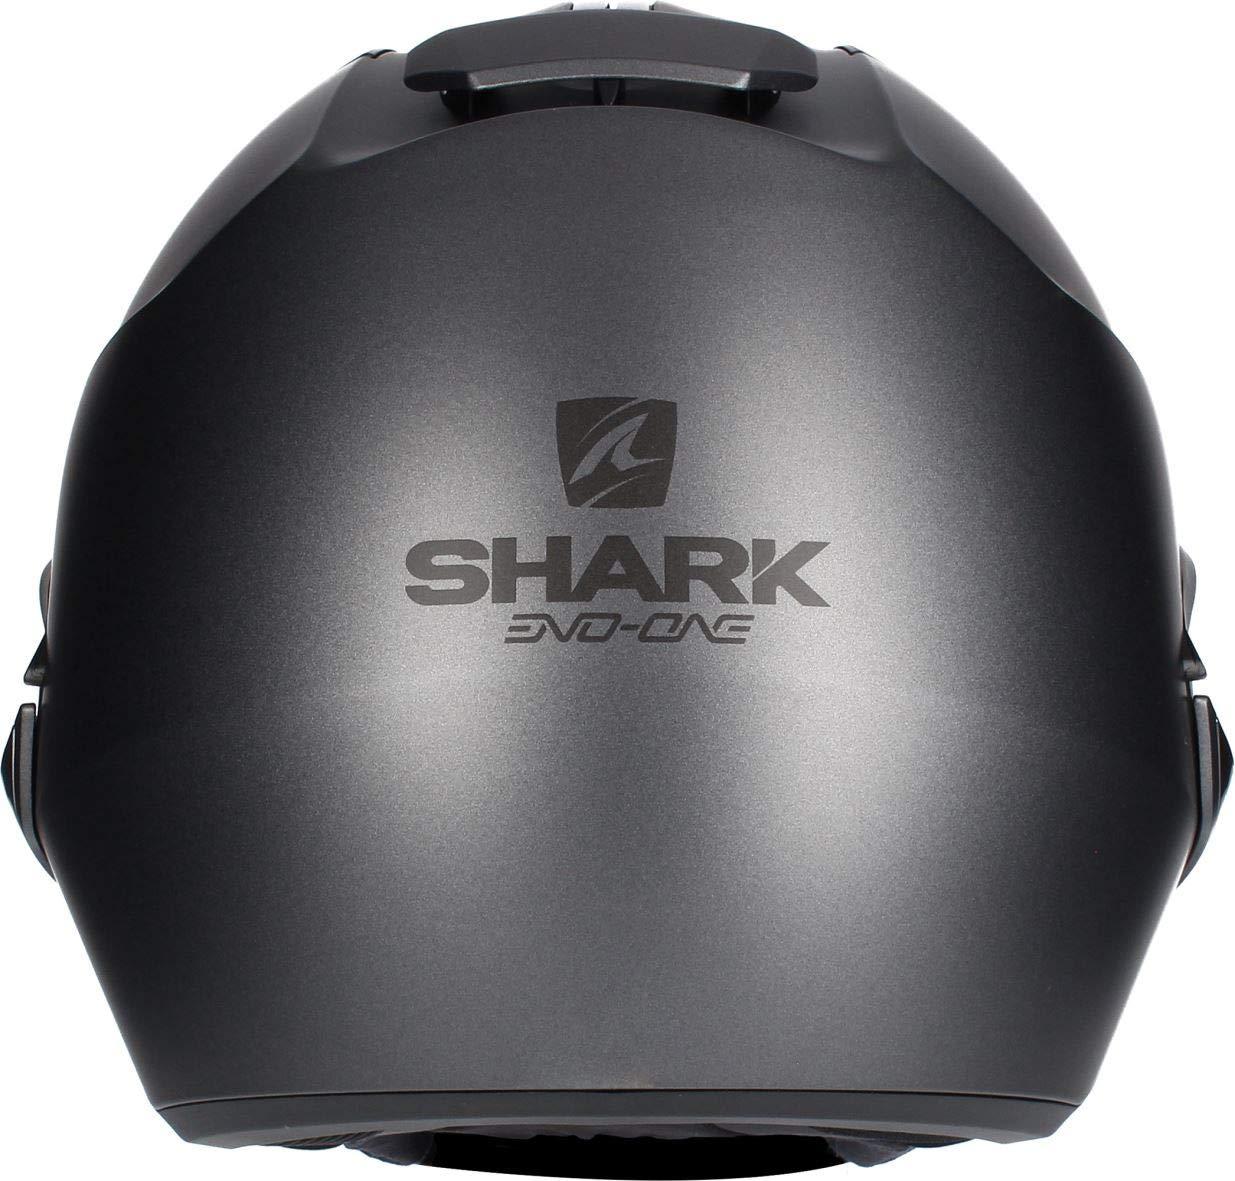 casco da motociclista Hark Evo-One 2 di colore nero taglia M Shark opaco